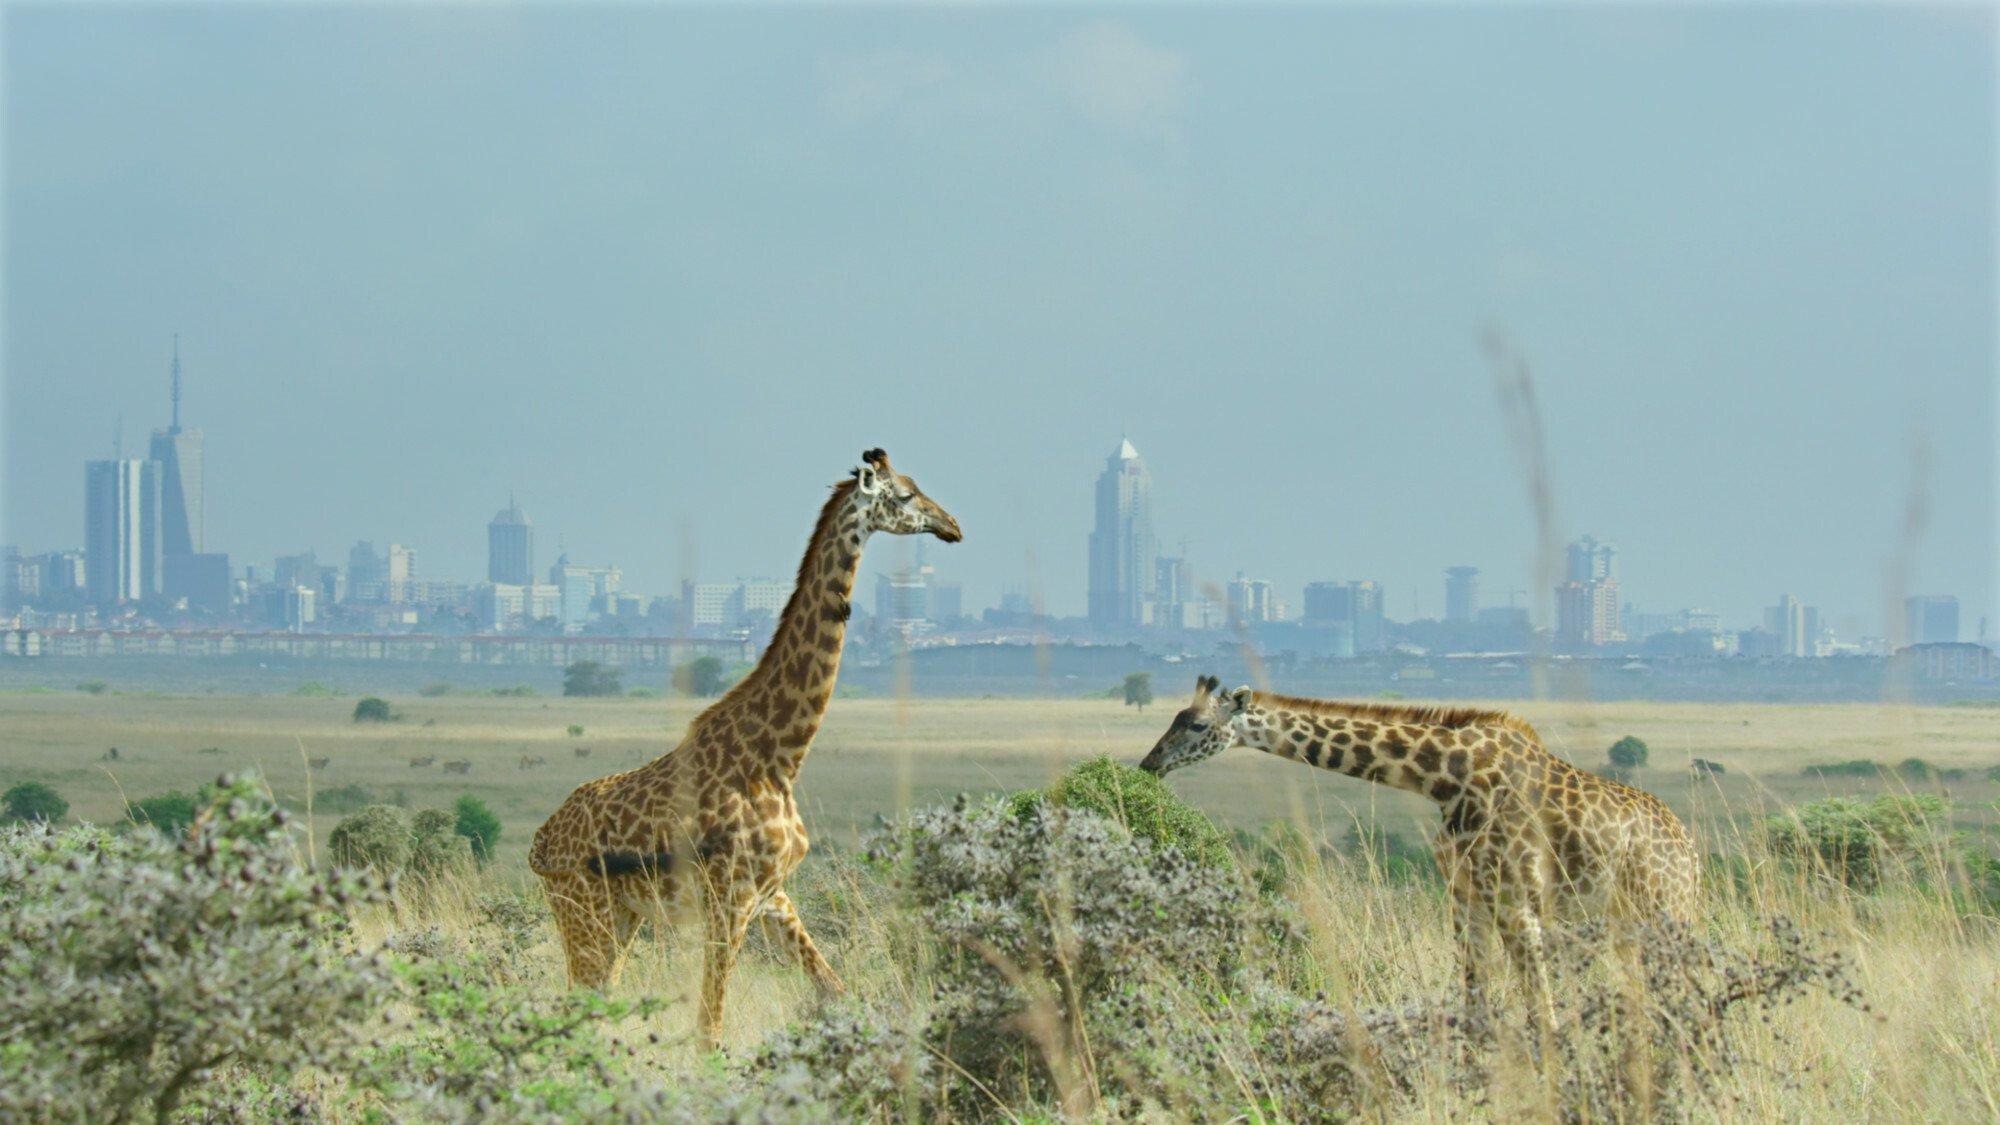 Im Vordergrund zwei Giraffen in der Savanne, im Hintergrund erheben sich Wolkenkratzer einer Großstadt. Copyright: © 2021Netflix, Inc.